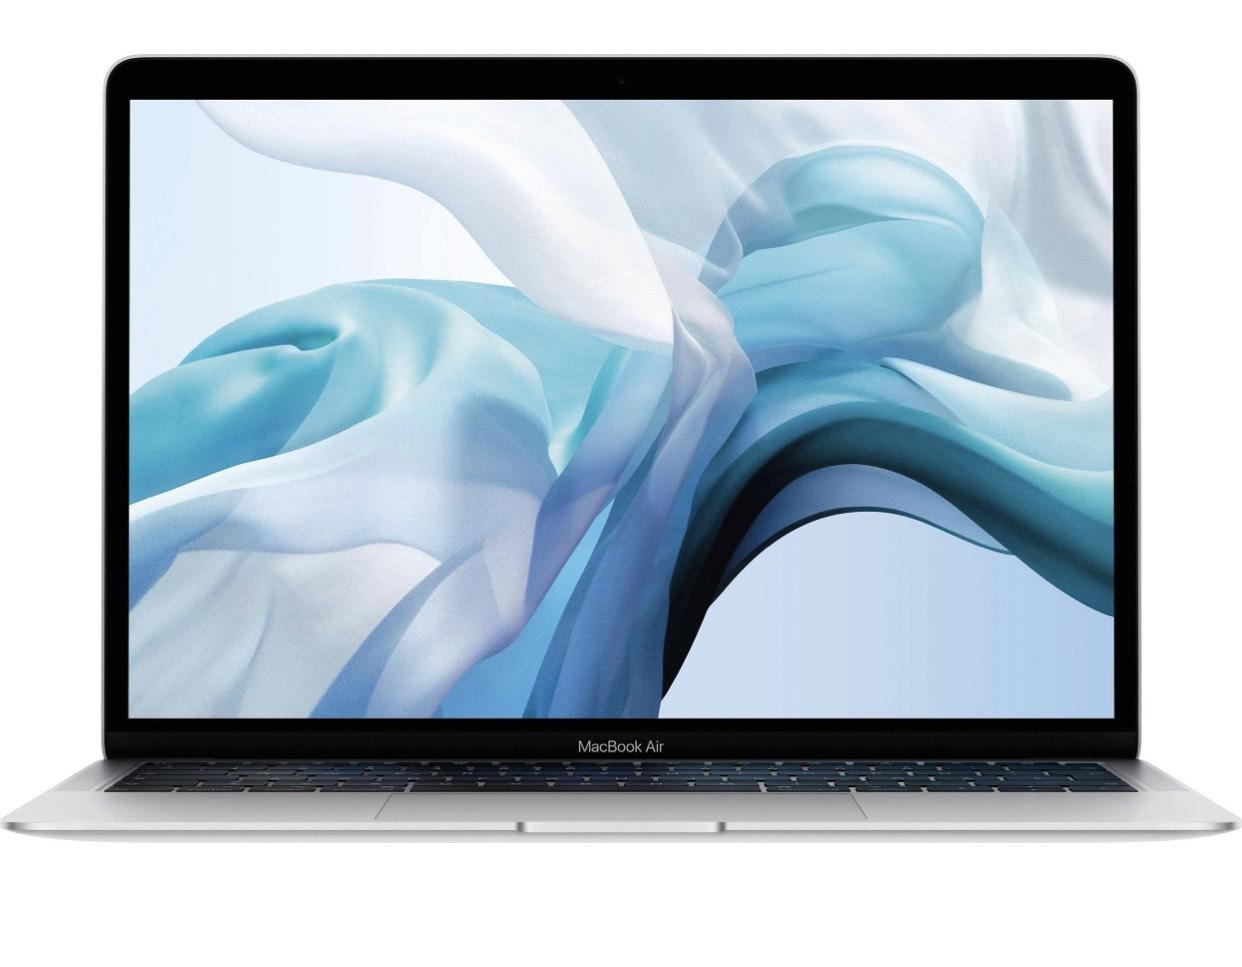 Apple MacBook Air, Core i5-8210Y, 8GB RAM, 128GB SSD, grau (2018) für 1007,10€